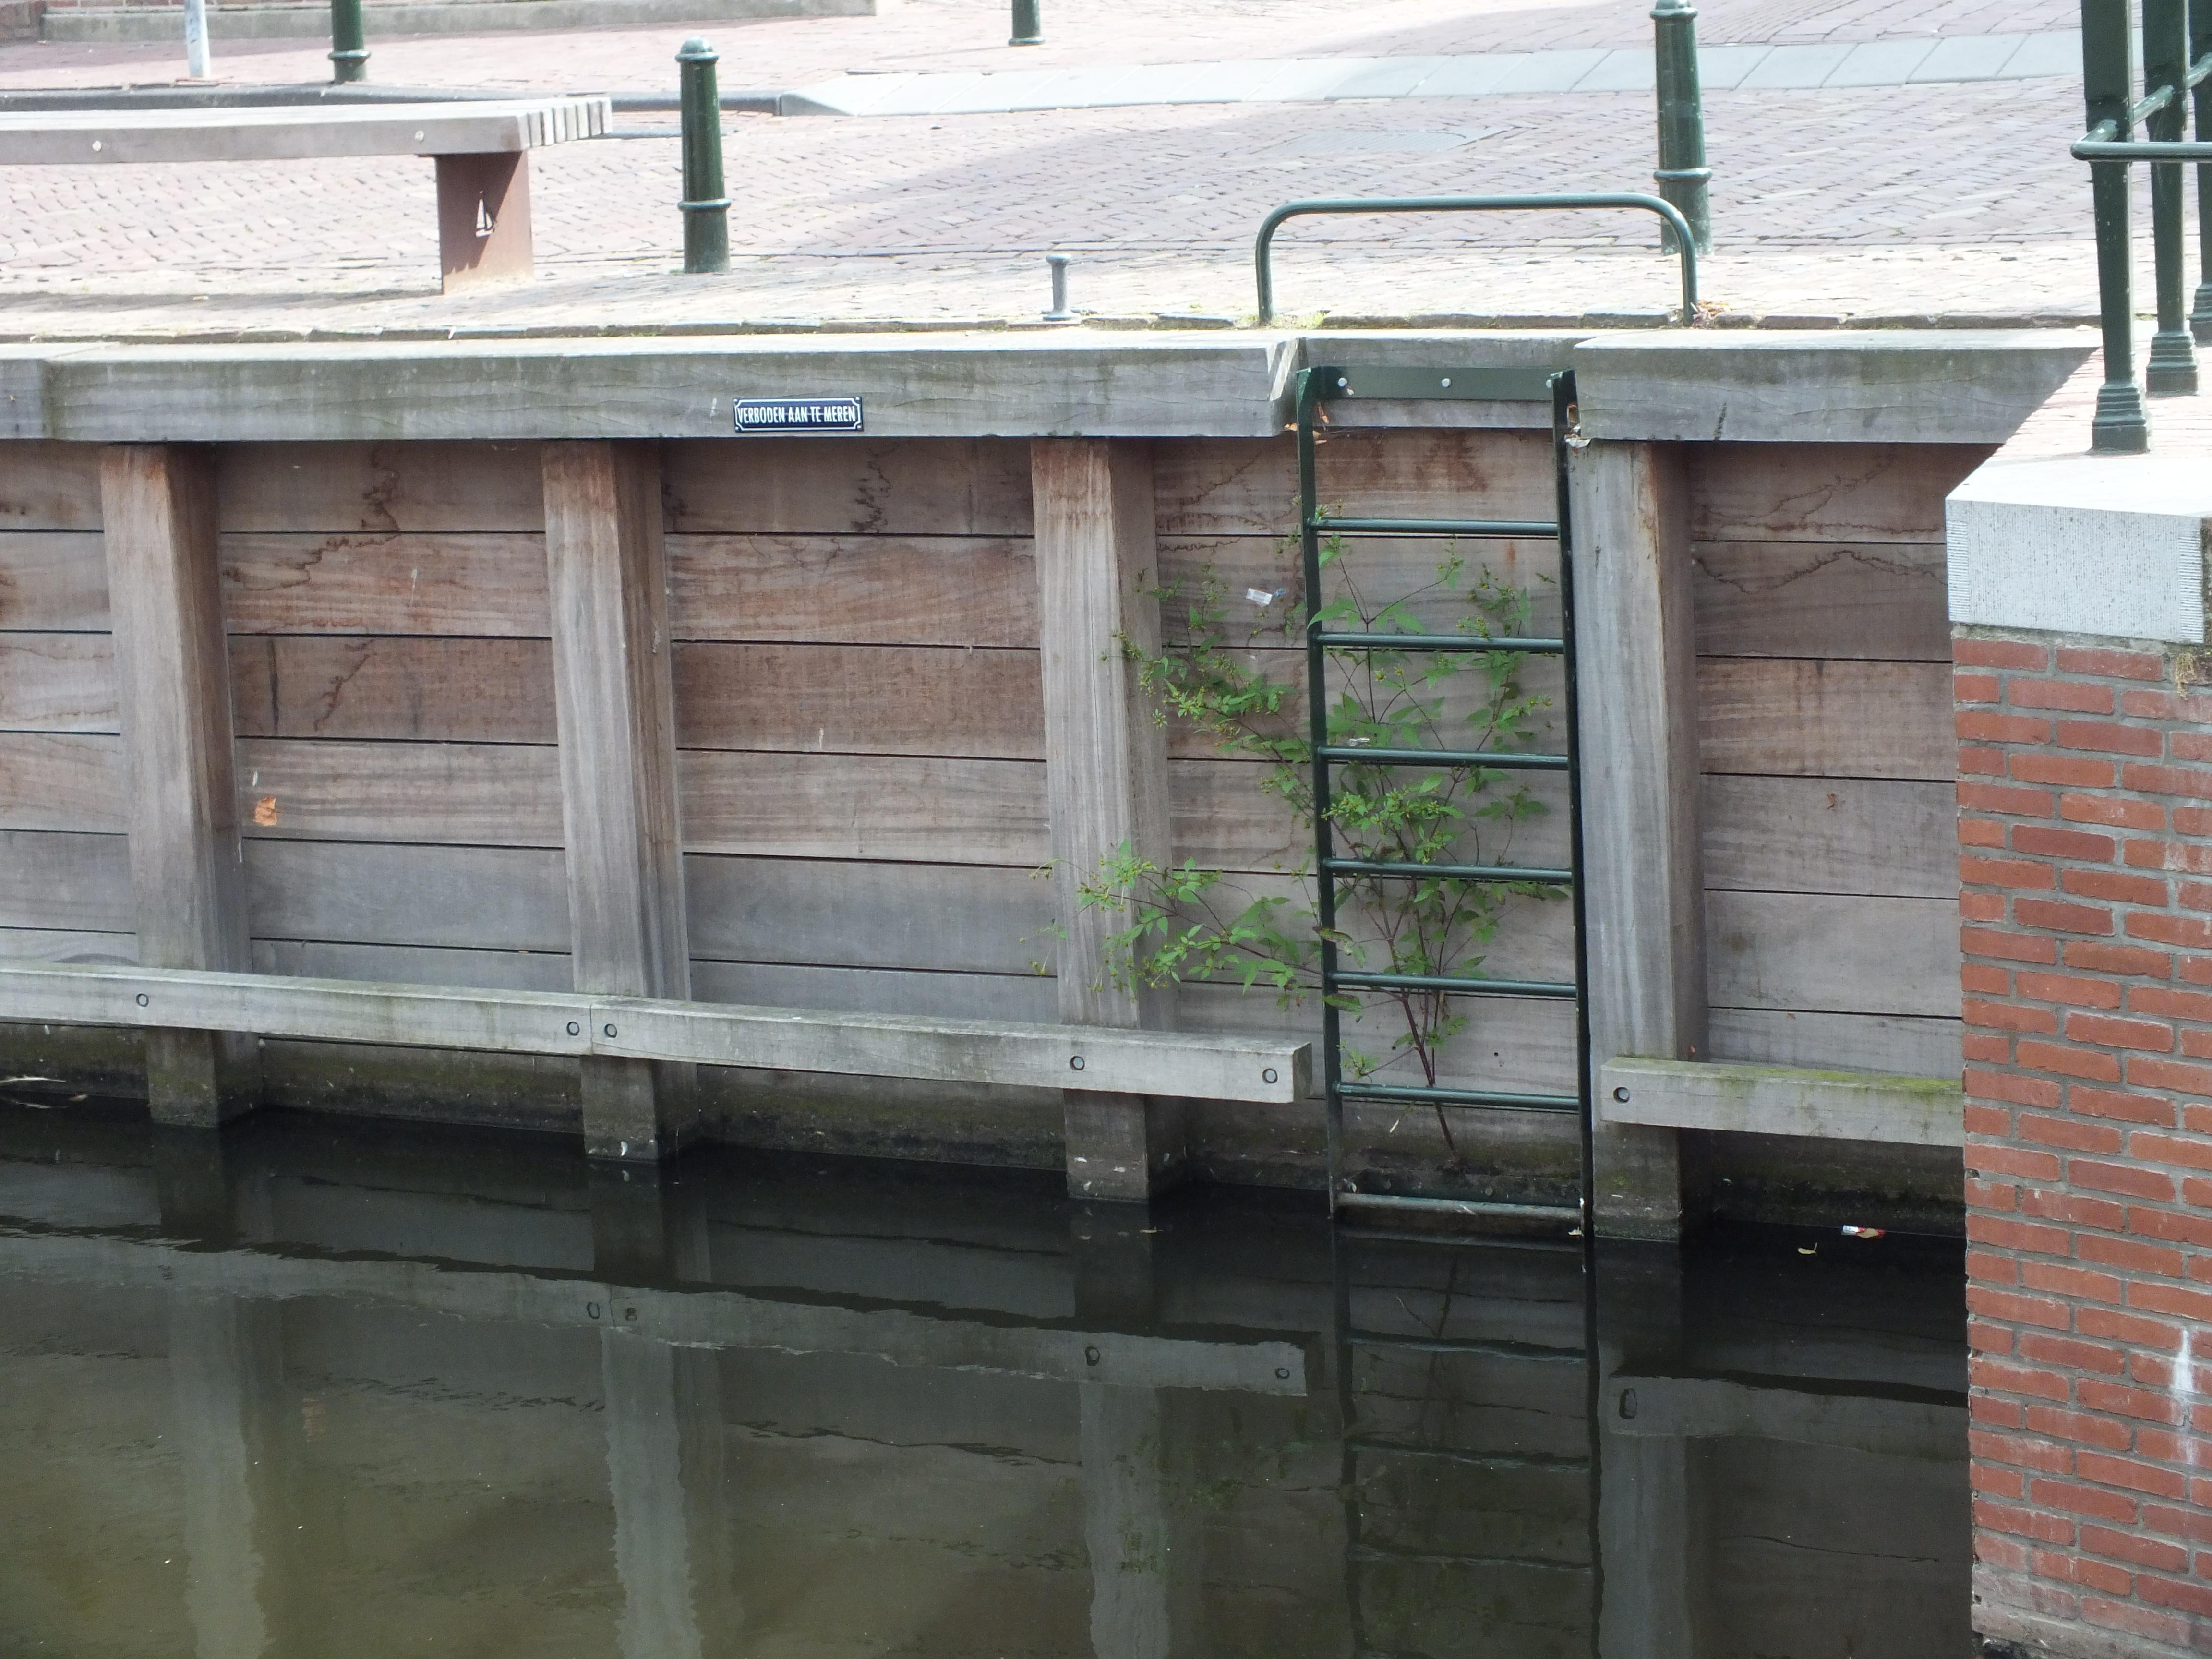 Kademuur: voorbeeld van een kademuur voor het havenbekken